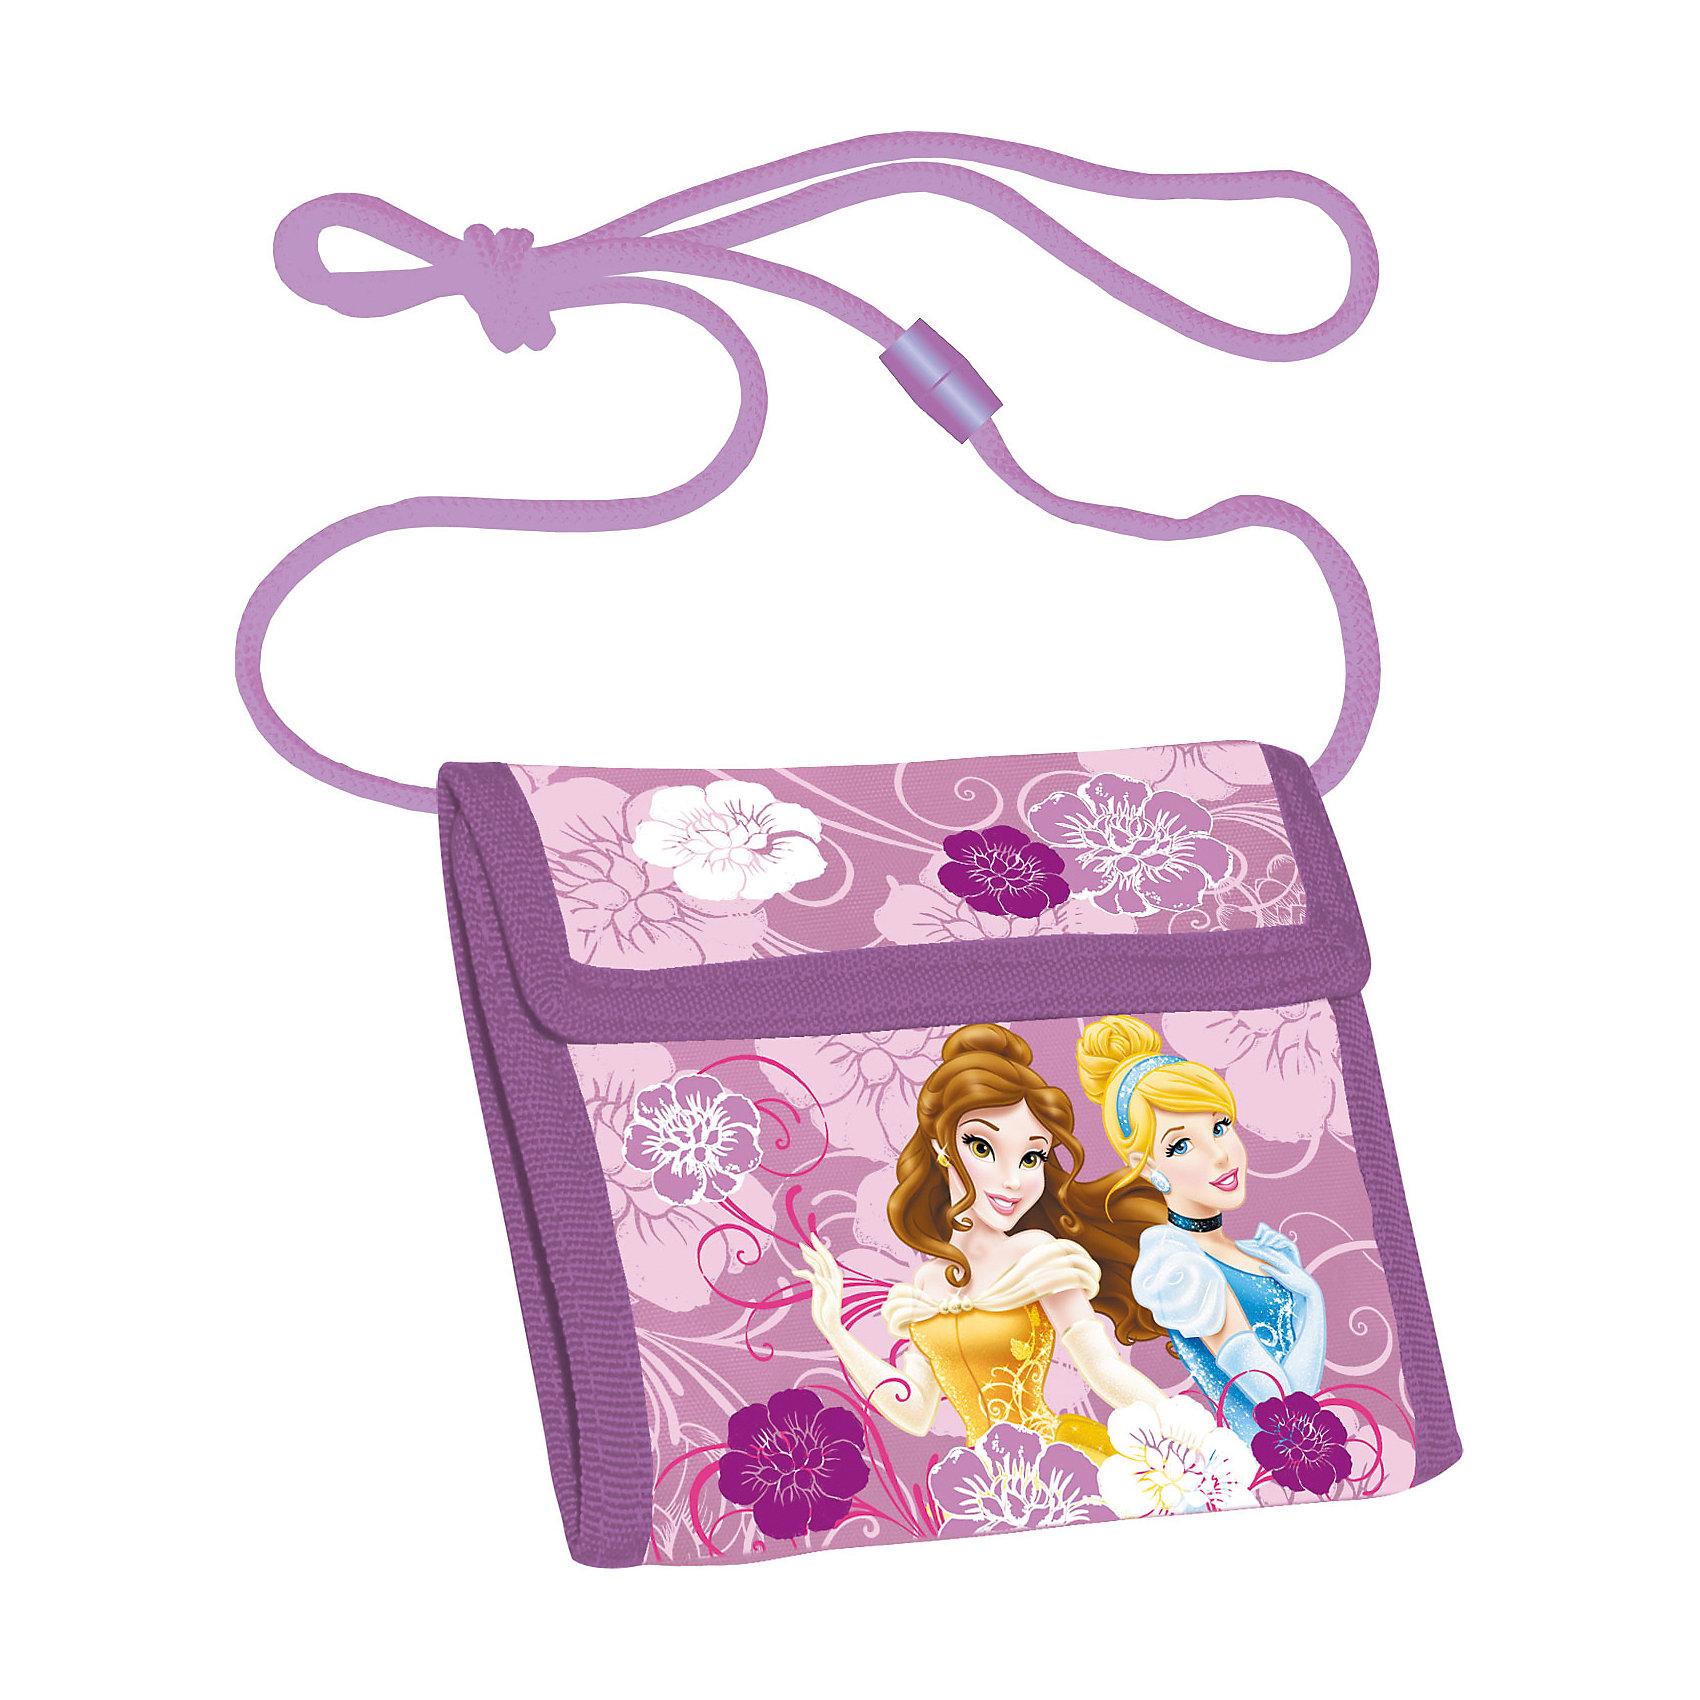 Академия групп Кошелек, Принцессы Дисней академия групп расписание раскраска принцессы дисней